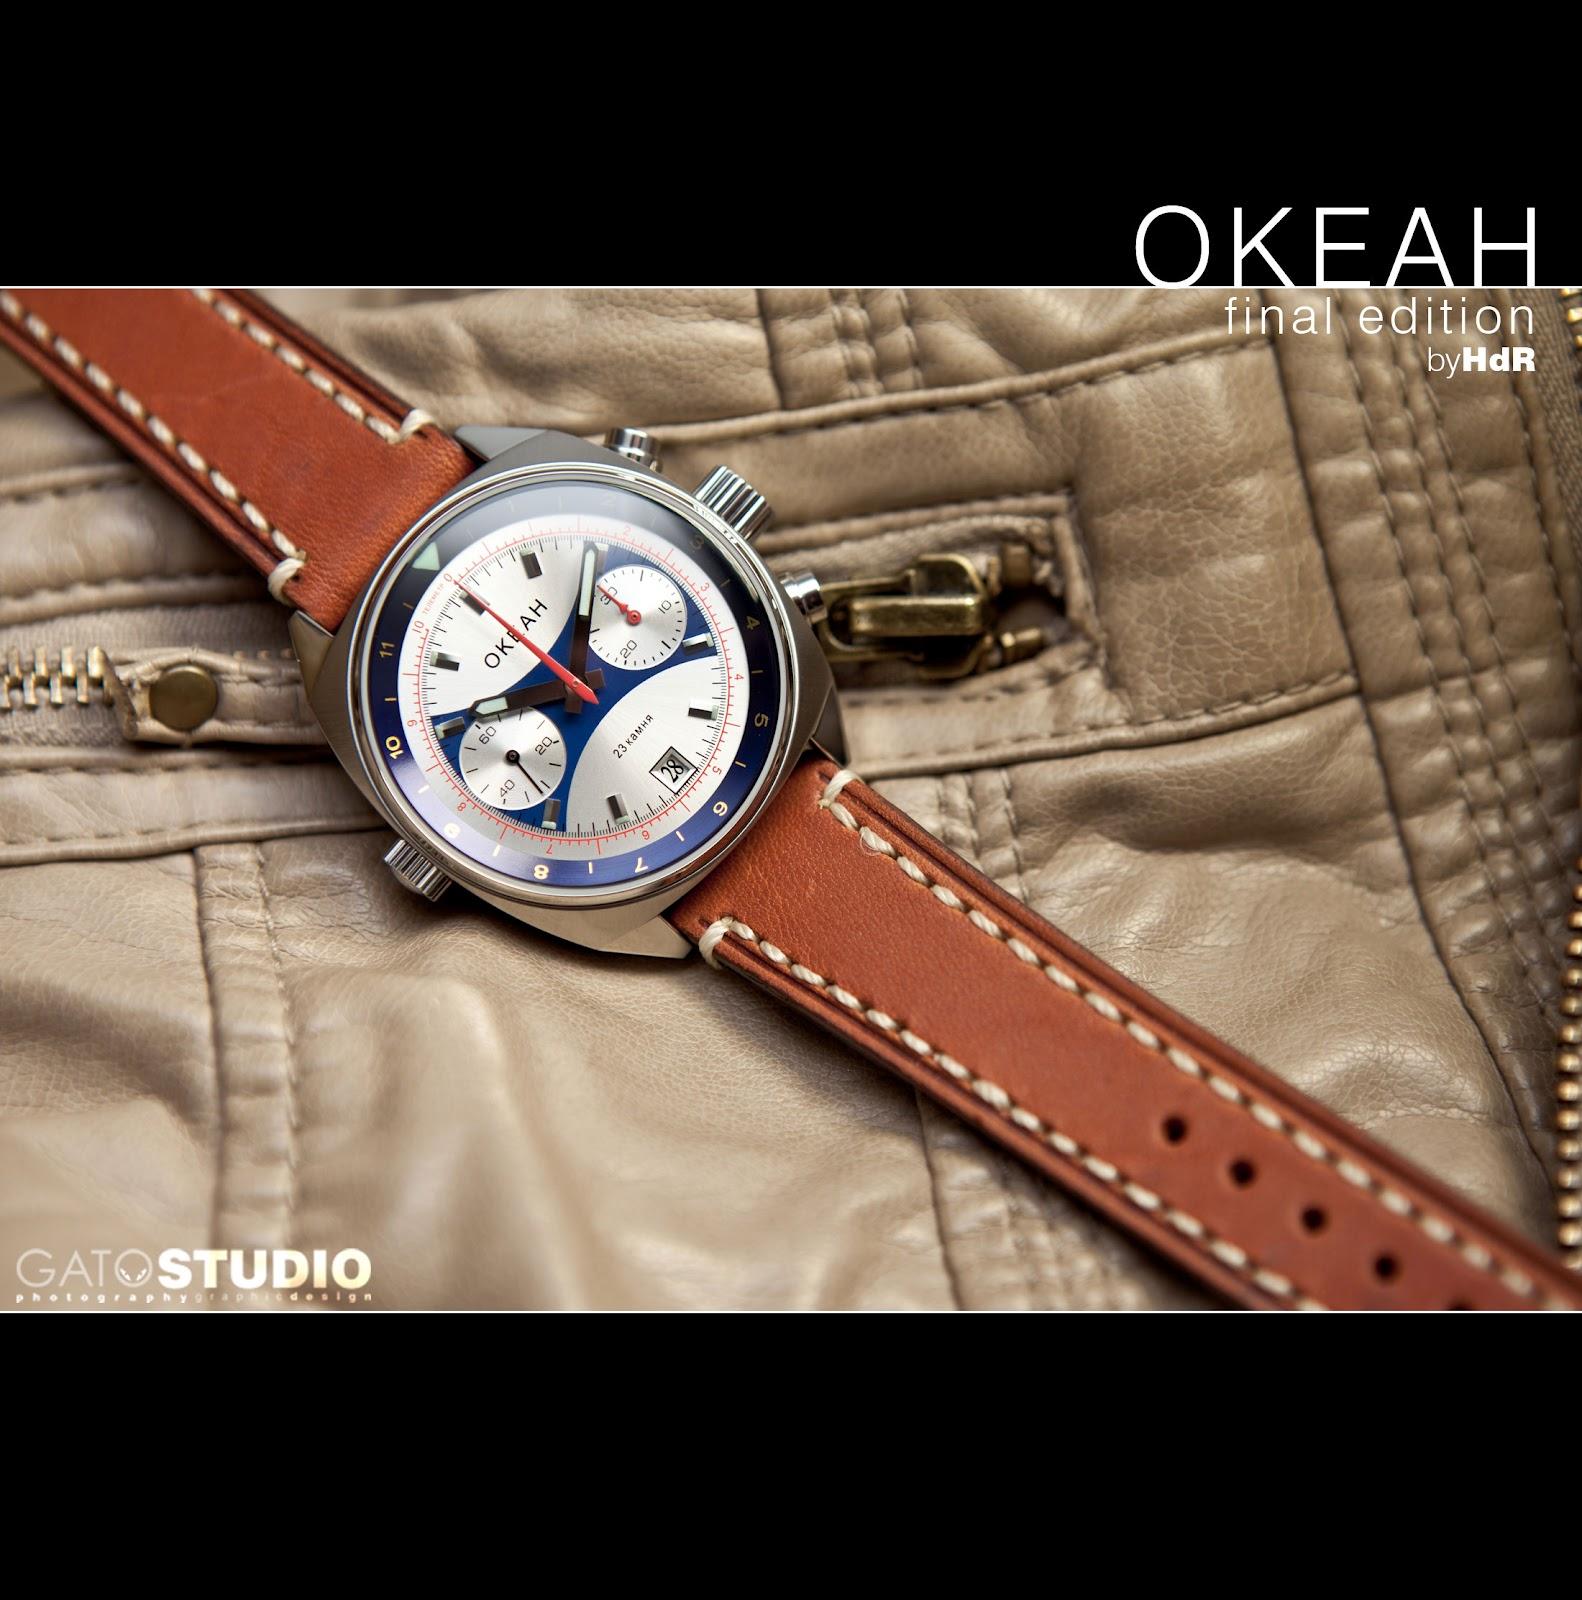 OKEAH: Dernière édition - Page 13 Okeah2